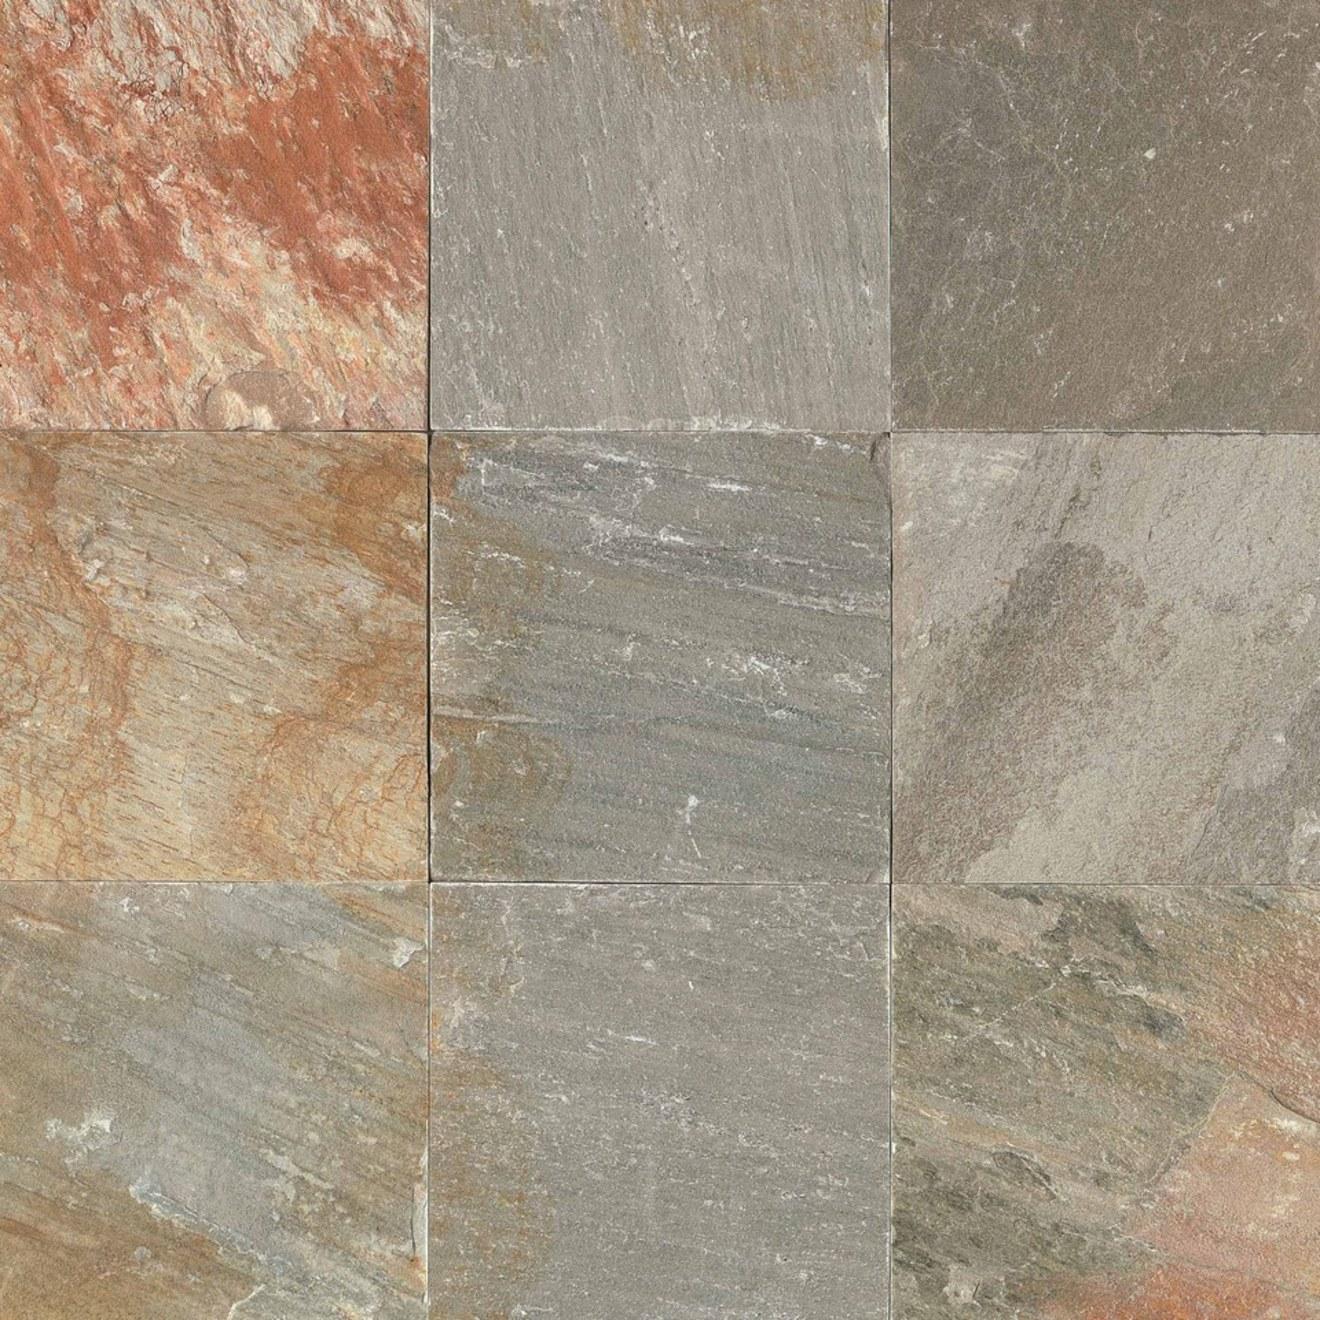 Tile solutions boucher road belfast postcode